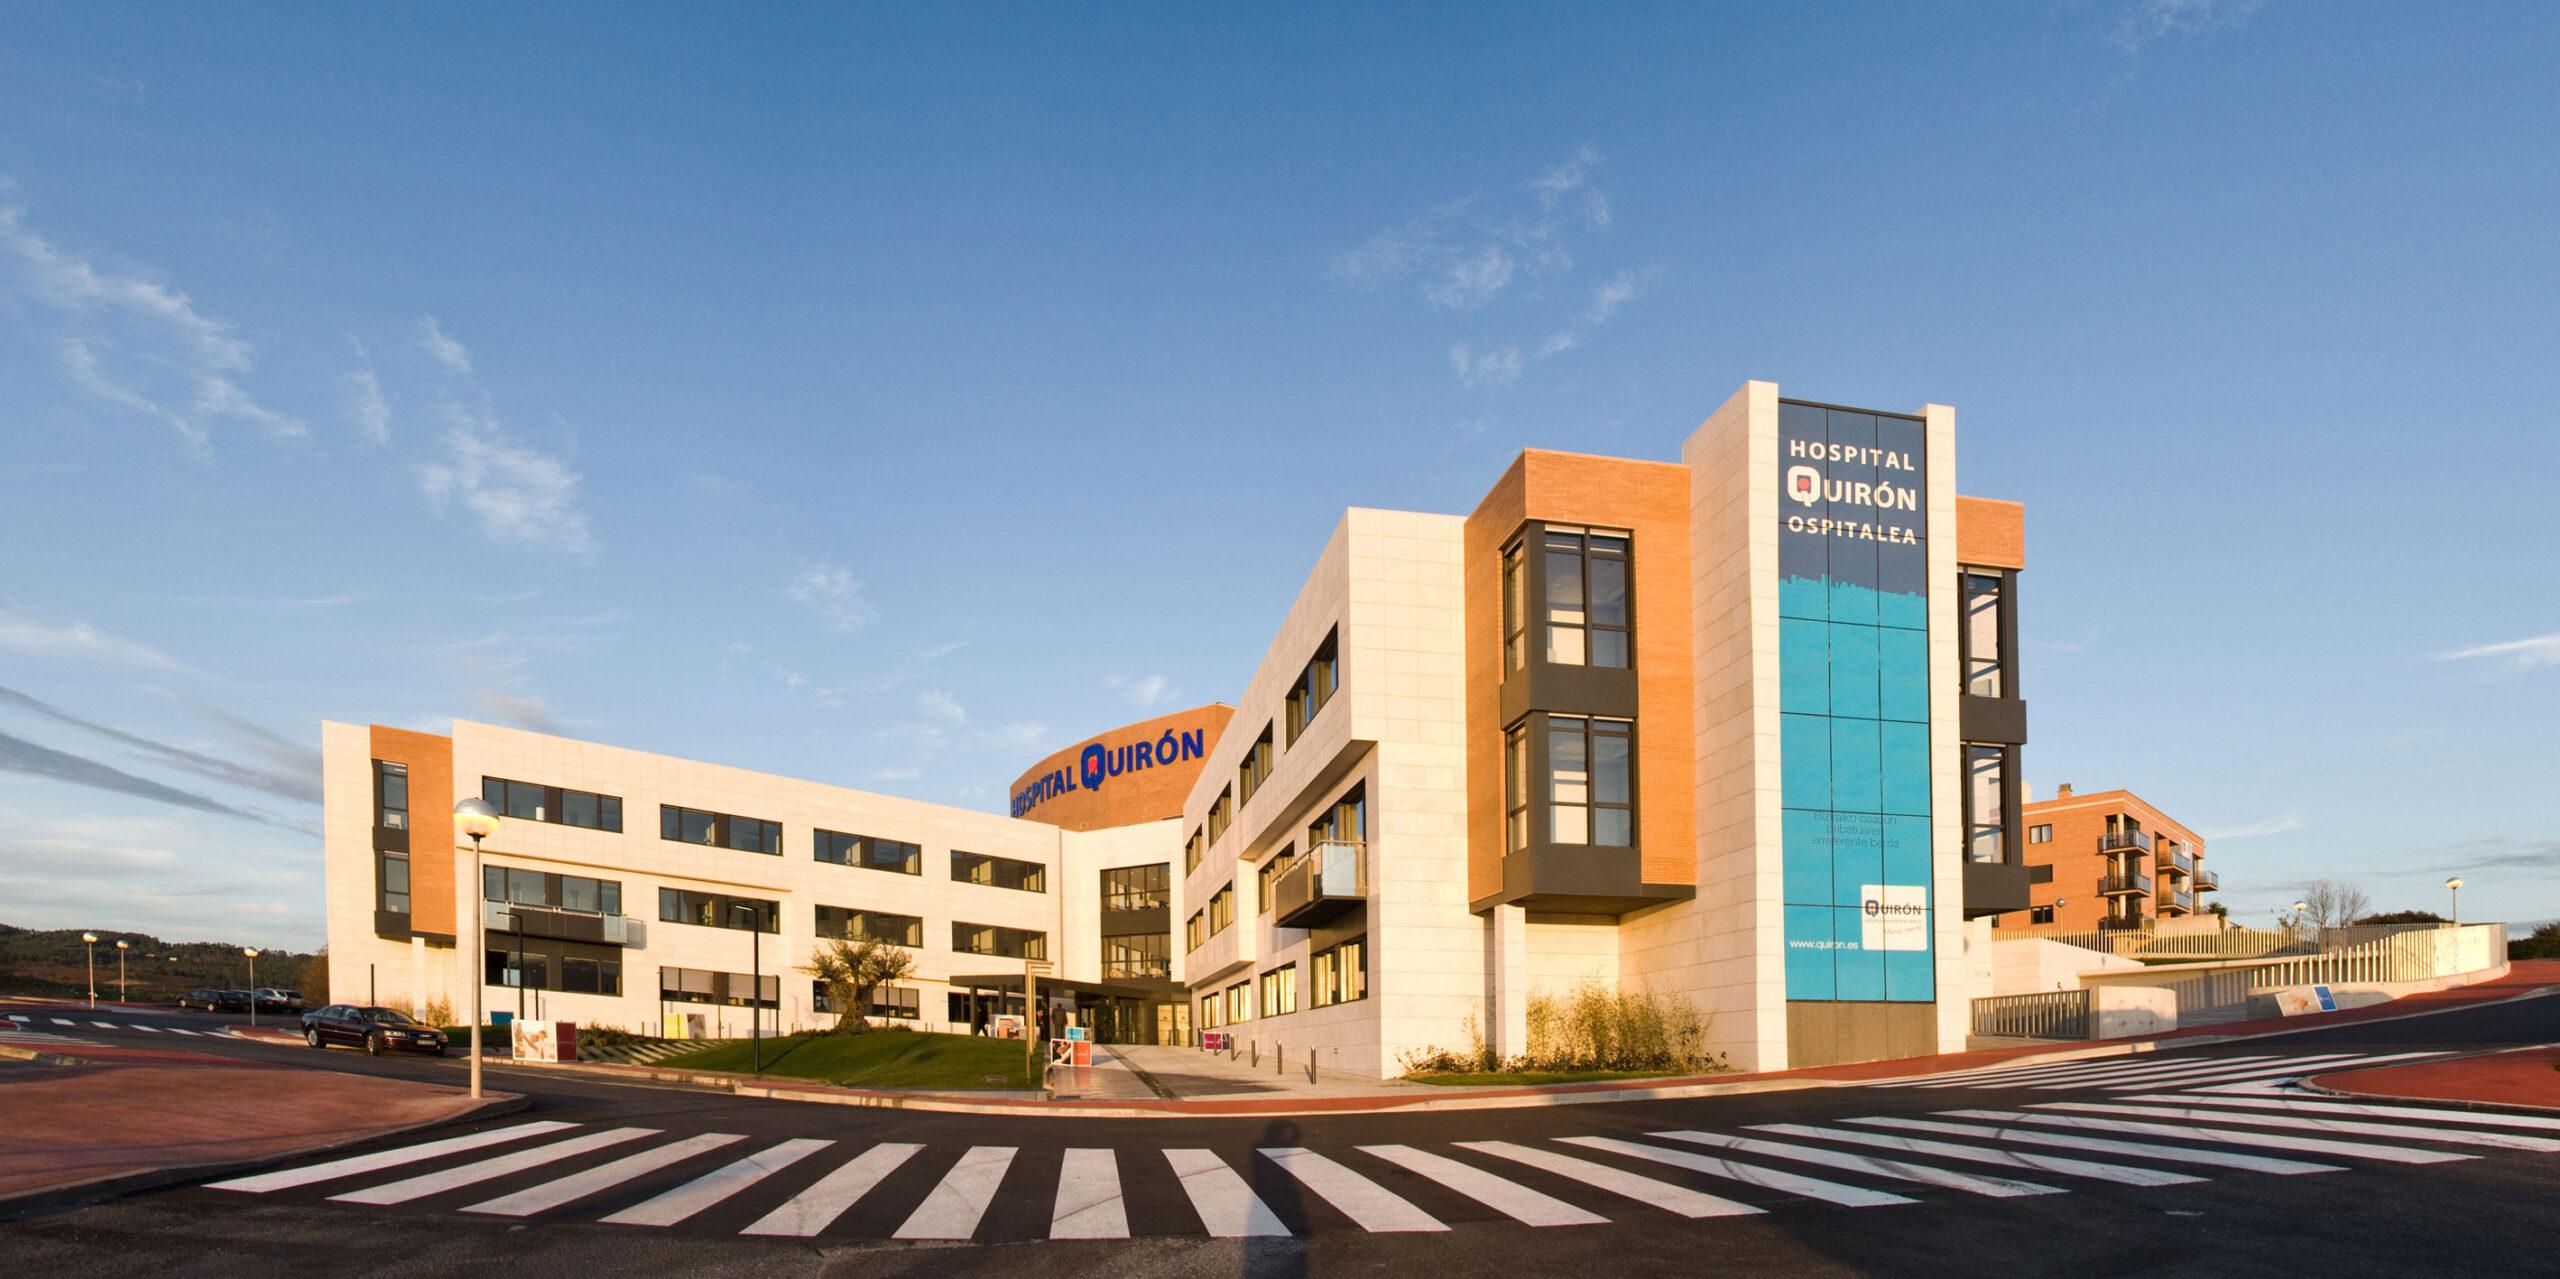 Sede de hospital na Espanha: serviços de saúde na Europa: como acessar?